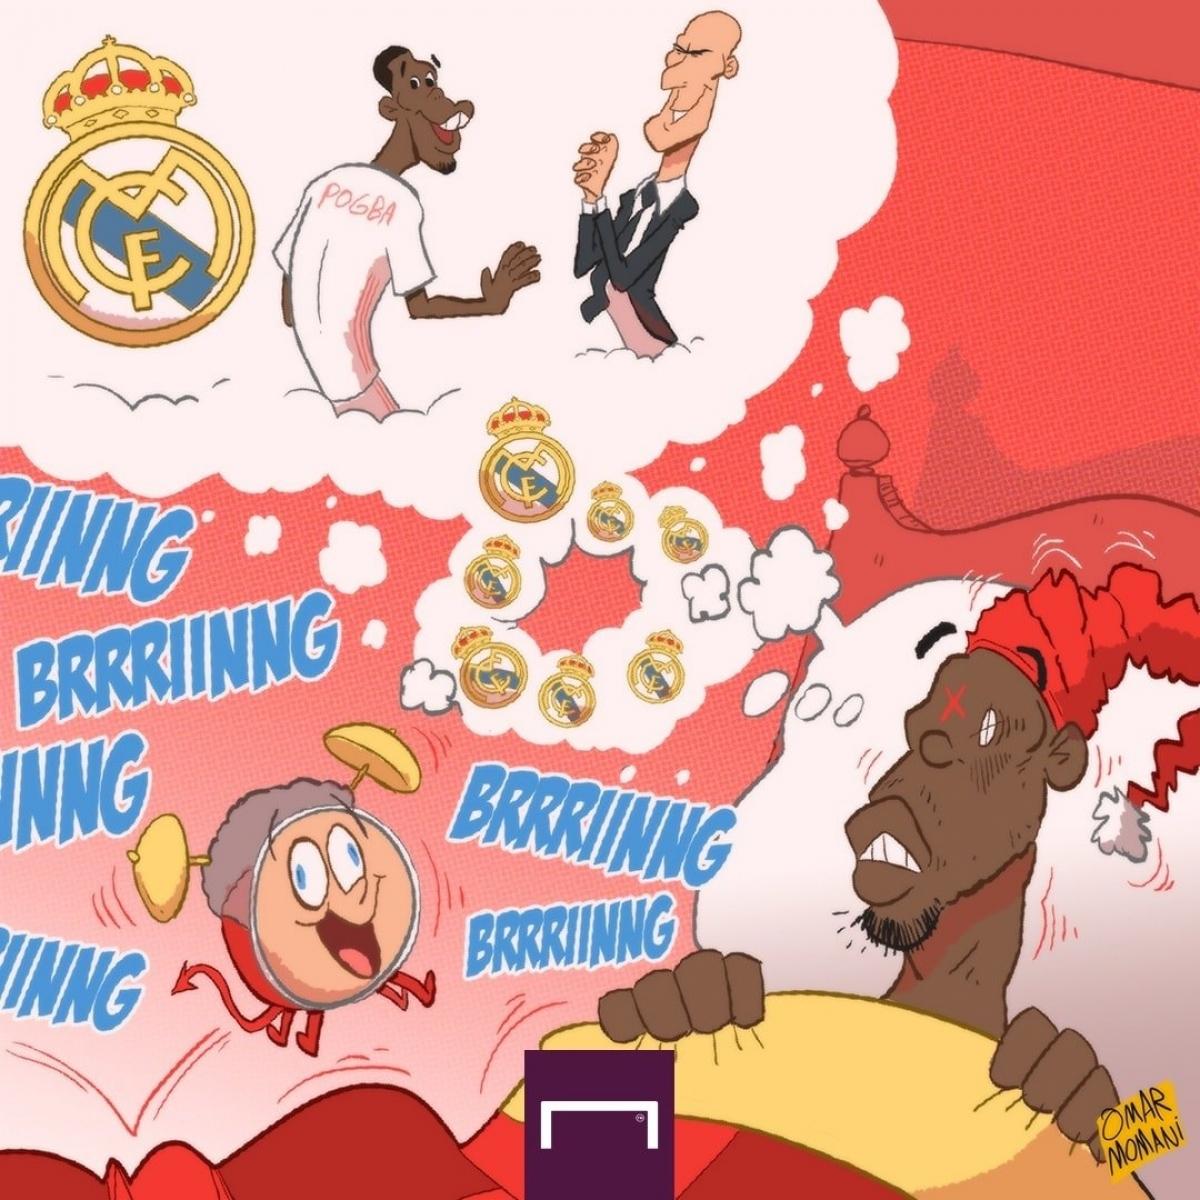 Paul Pogba ôm giấc mơ khoác áo Real Madrid. (Ảnh: Omar Momani)